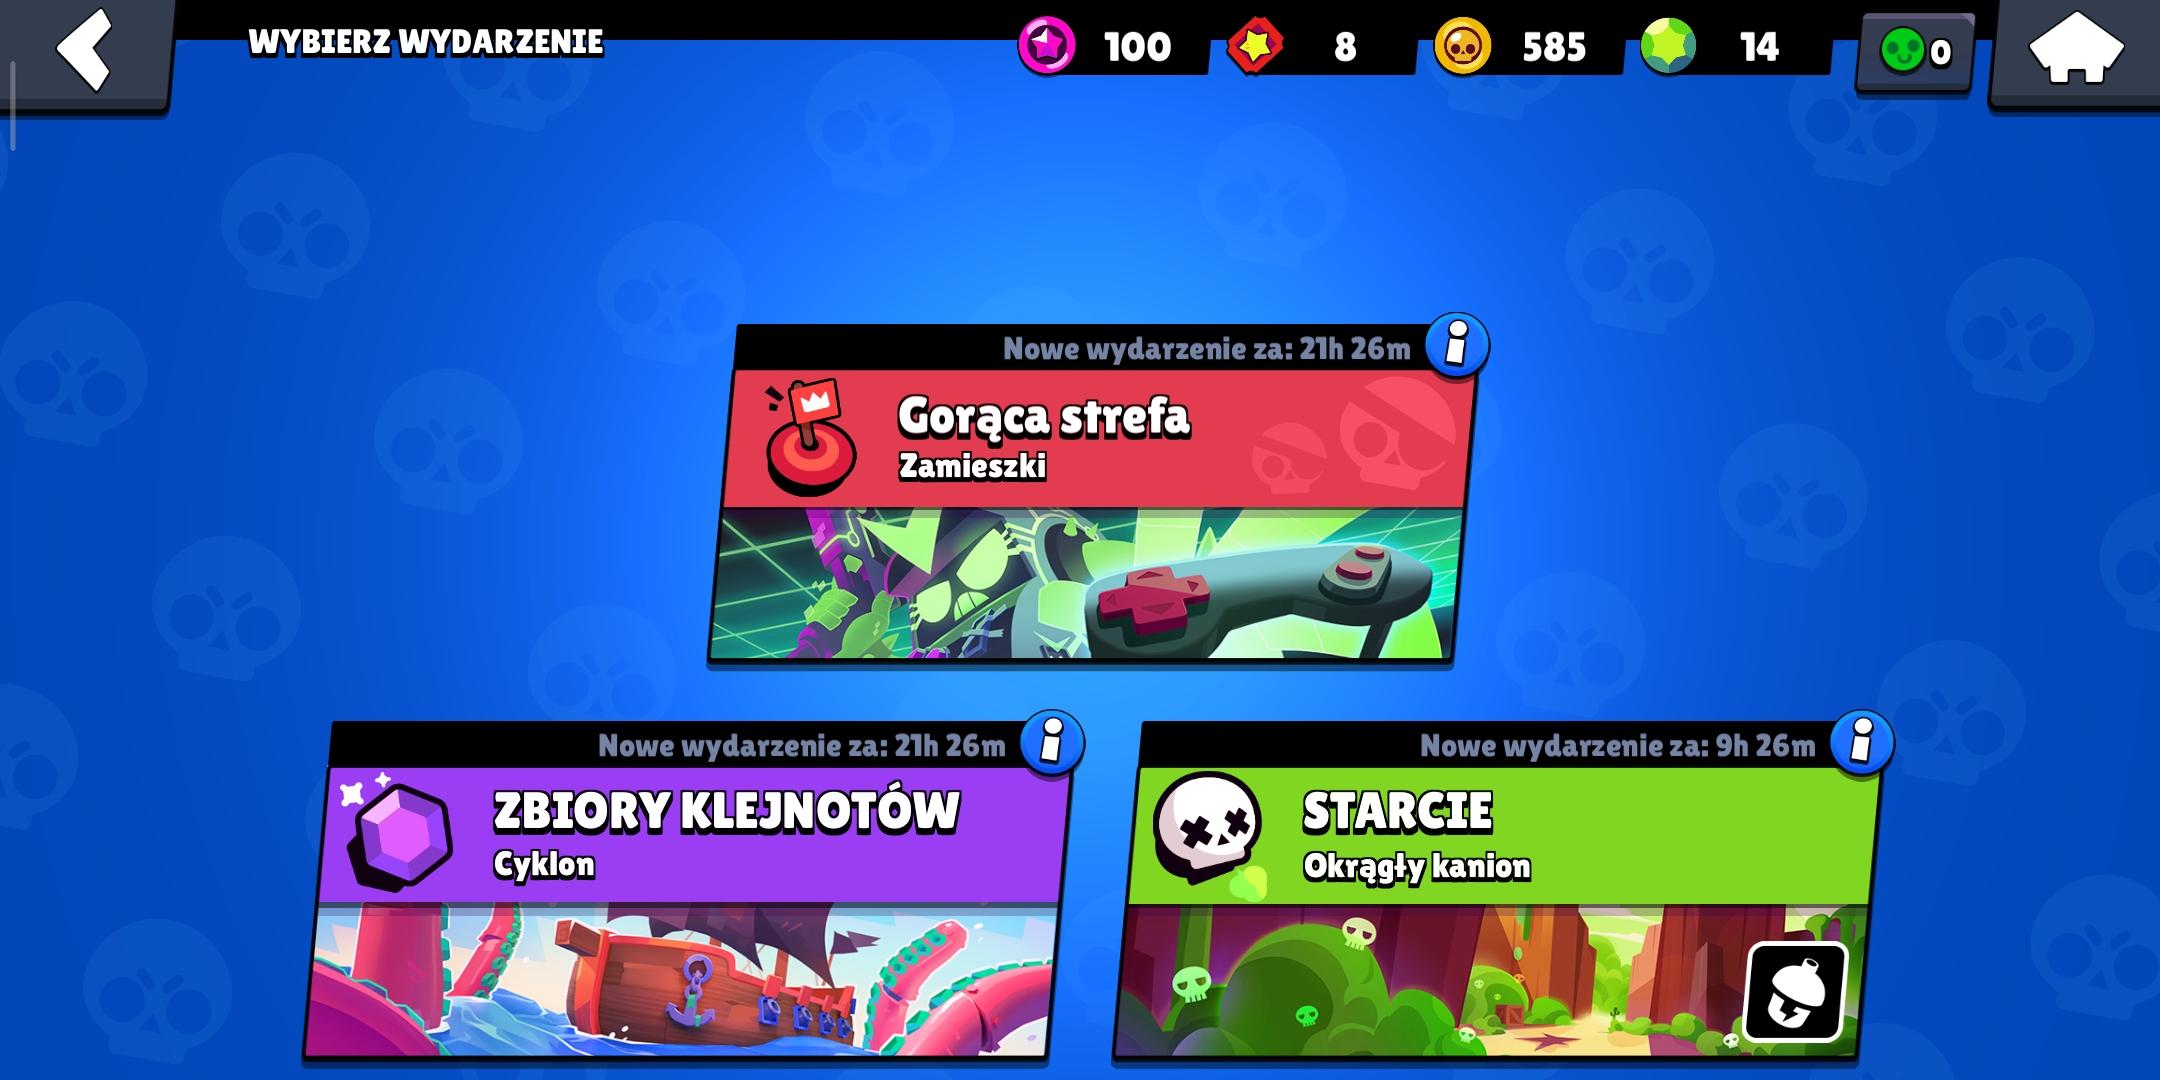 Screenshot_2020_02_04_11_33_50_388_com.supercell.brawlstars